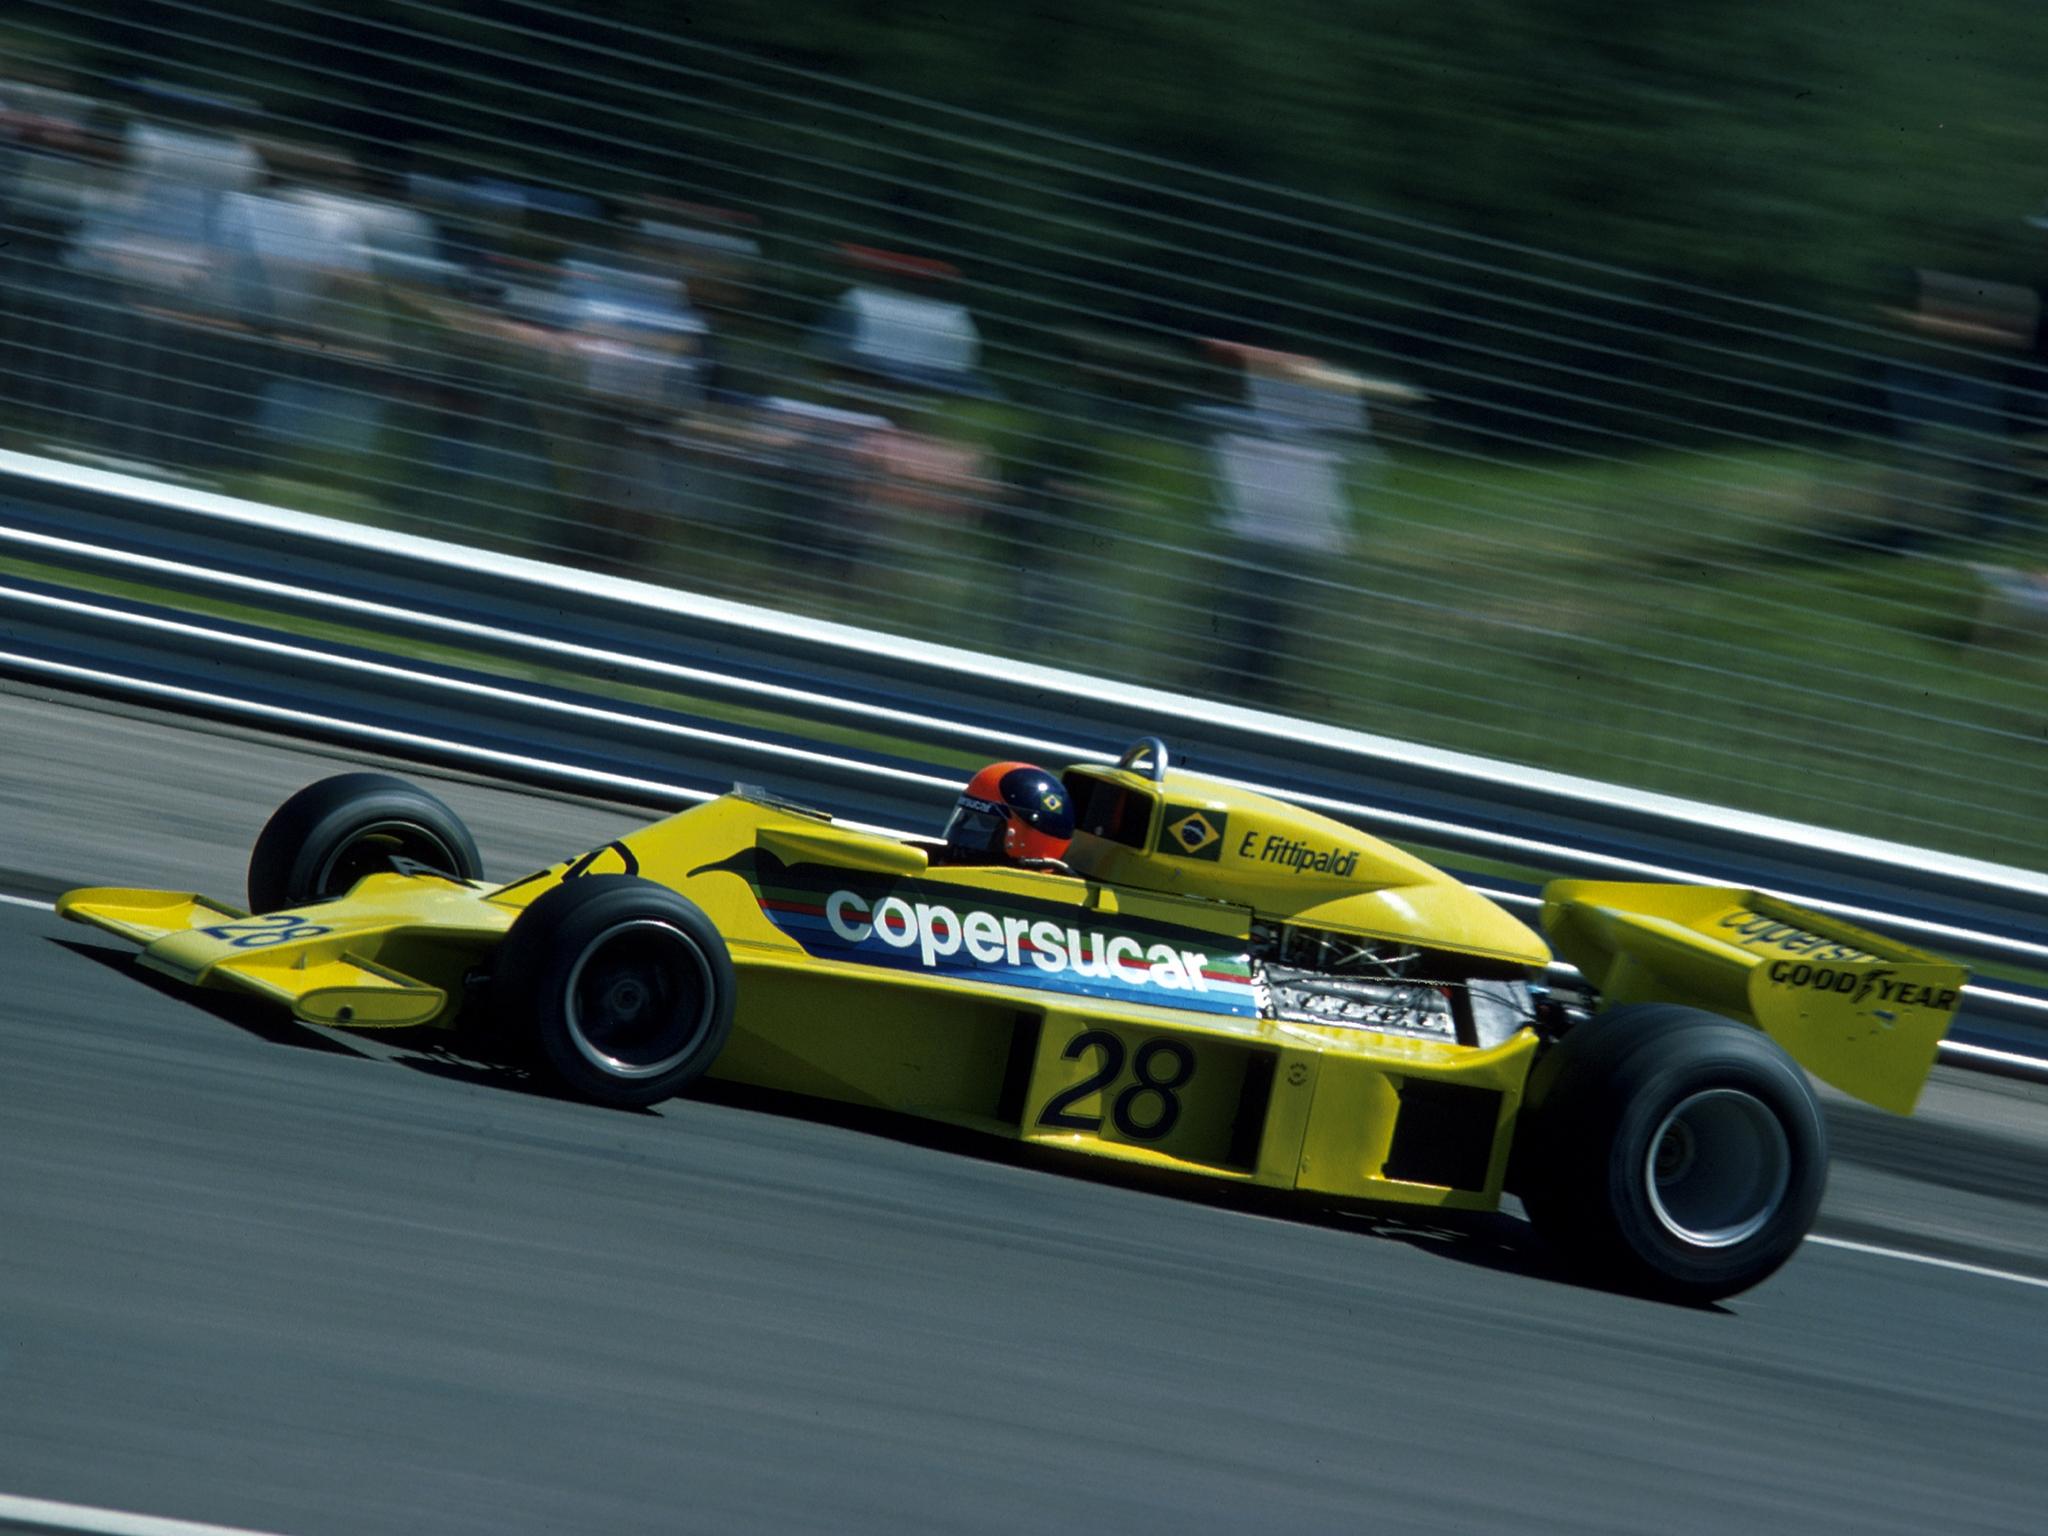 1977 Copersucar Fittipaldi F-5 Formula One F-1 Race Racing